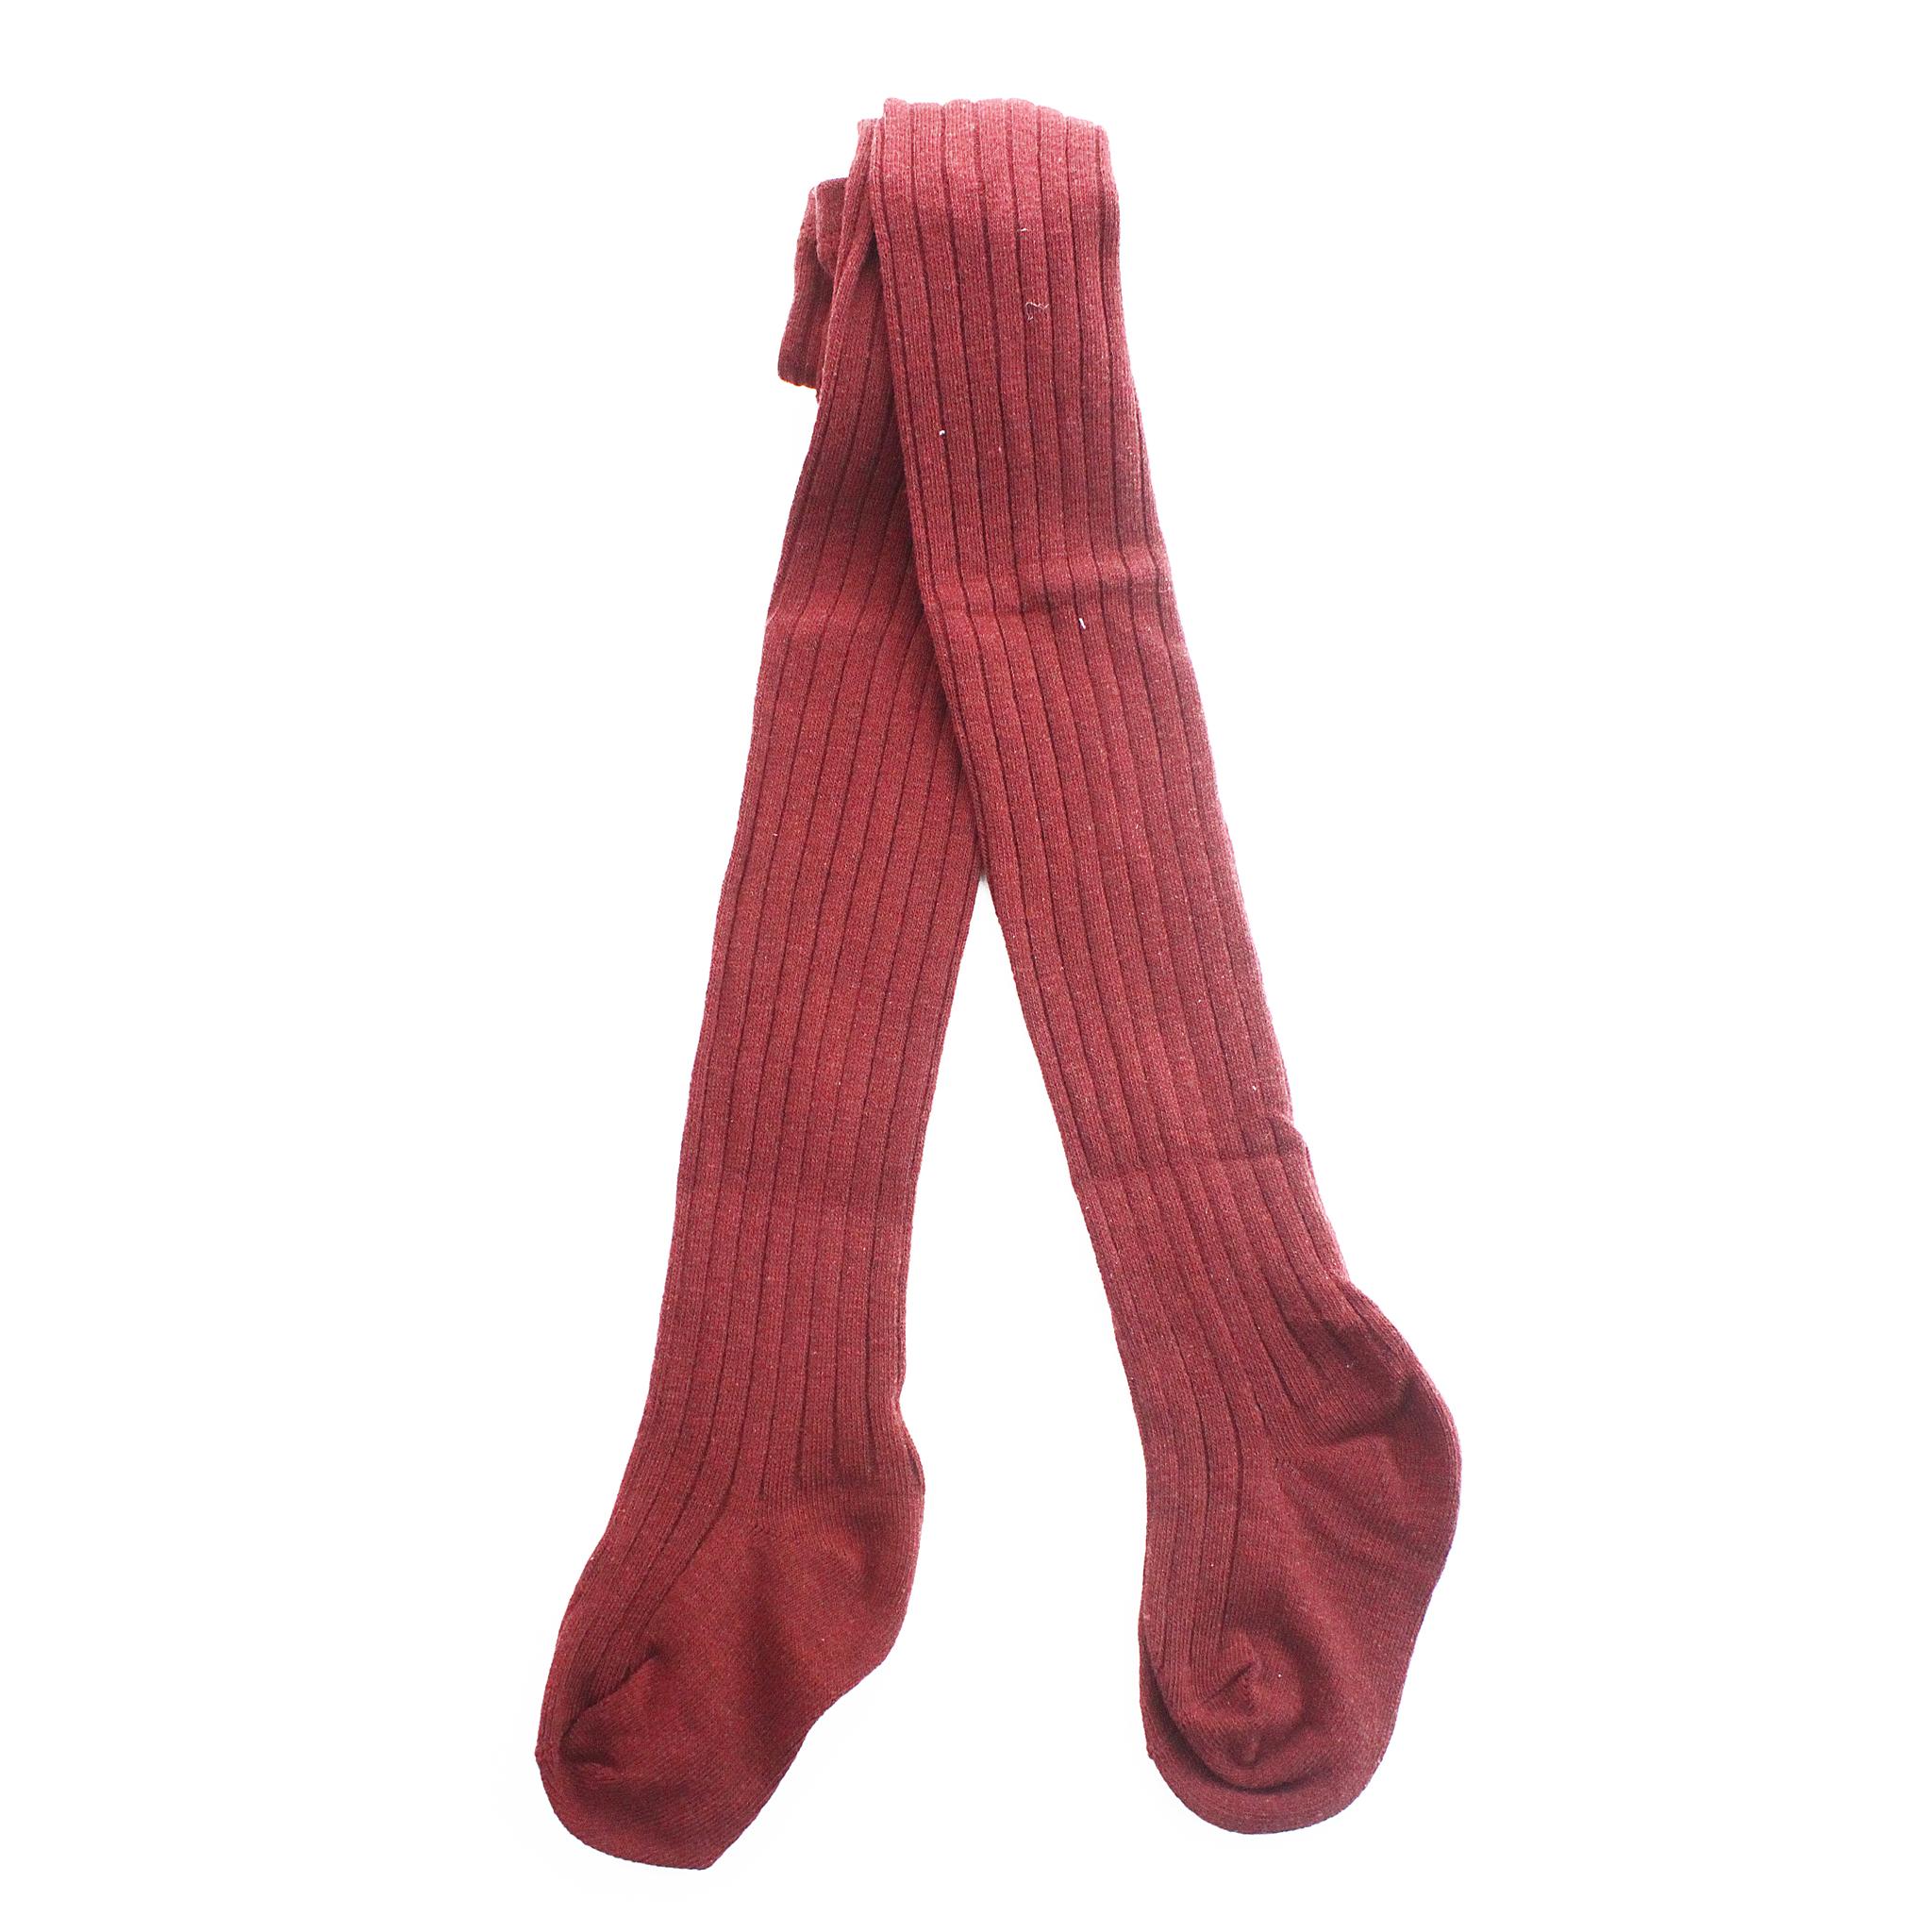 Колготки Рельефные Бордовые Рост 95 см - 105 см